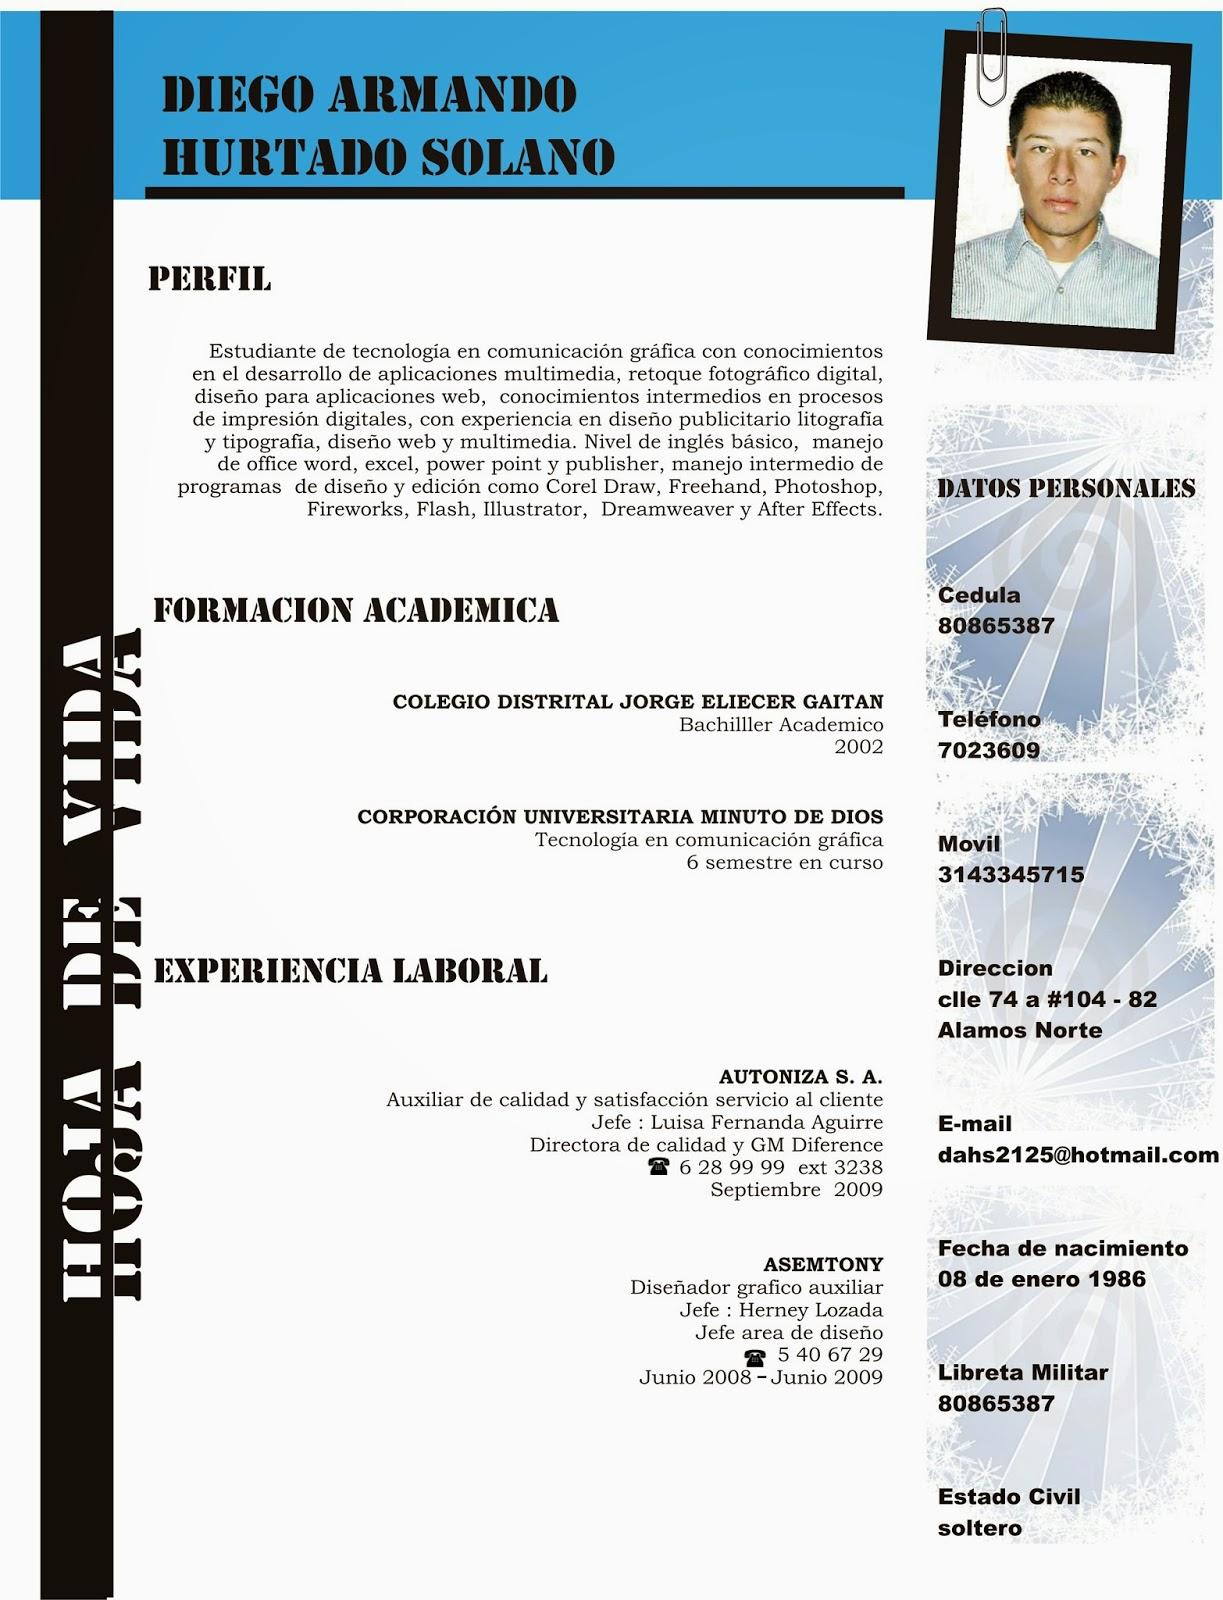 Dorable Modelo De Currículum Para Estudiantes De Ingeniería Foto ...